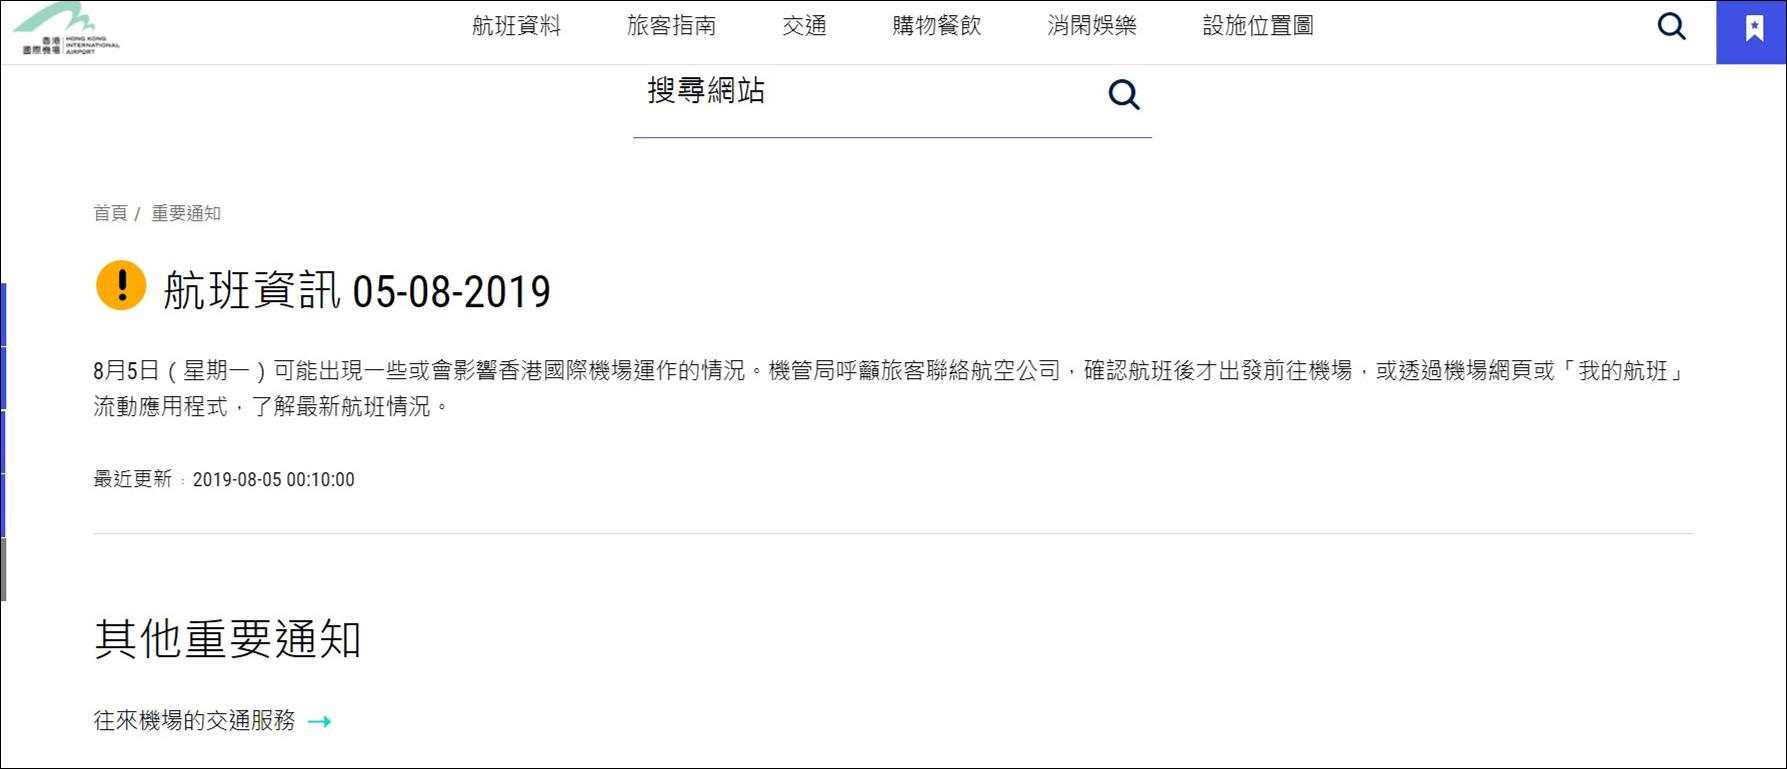 香港机场约170个航班取消 往来内地航班受影响|九龙